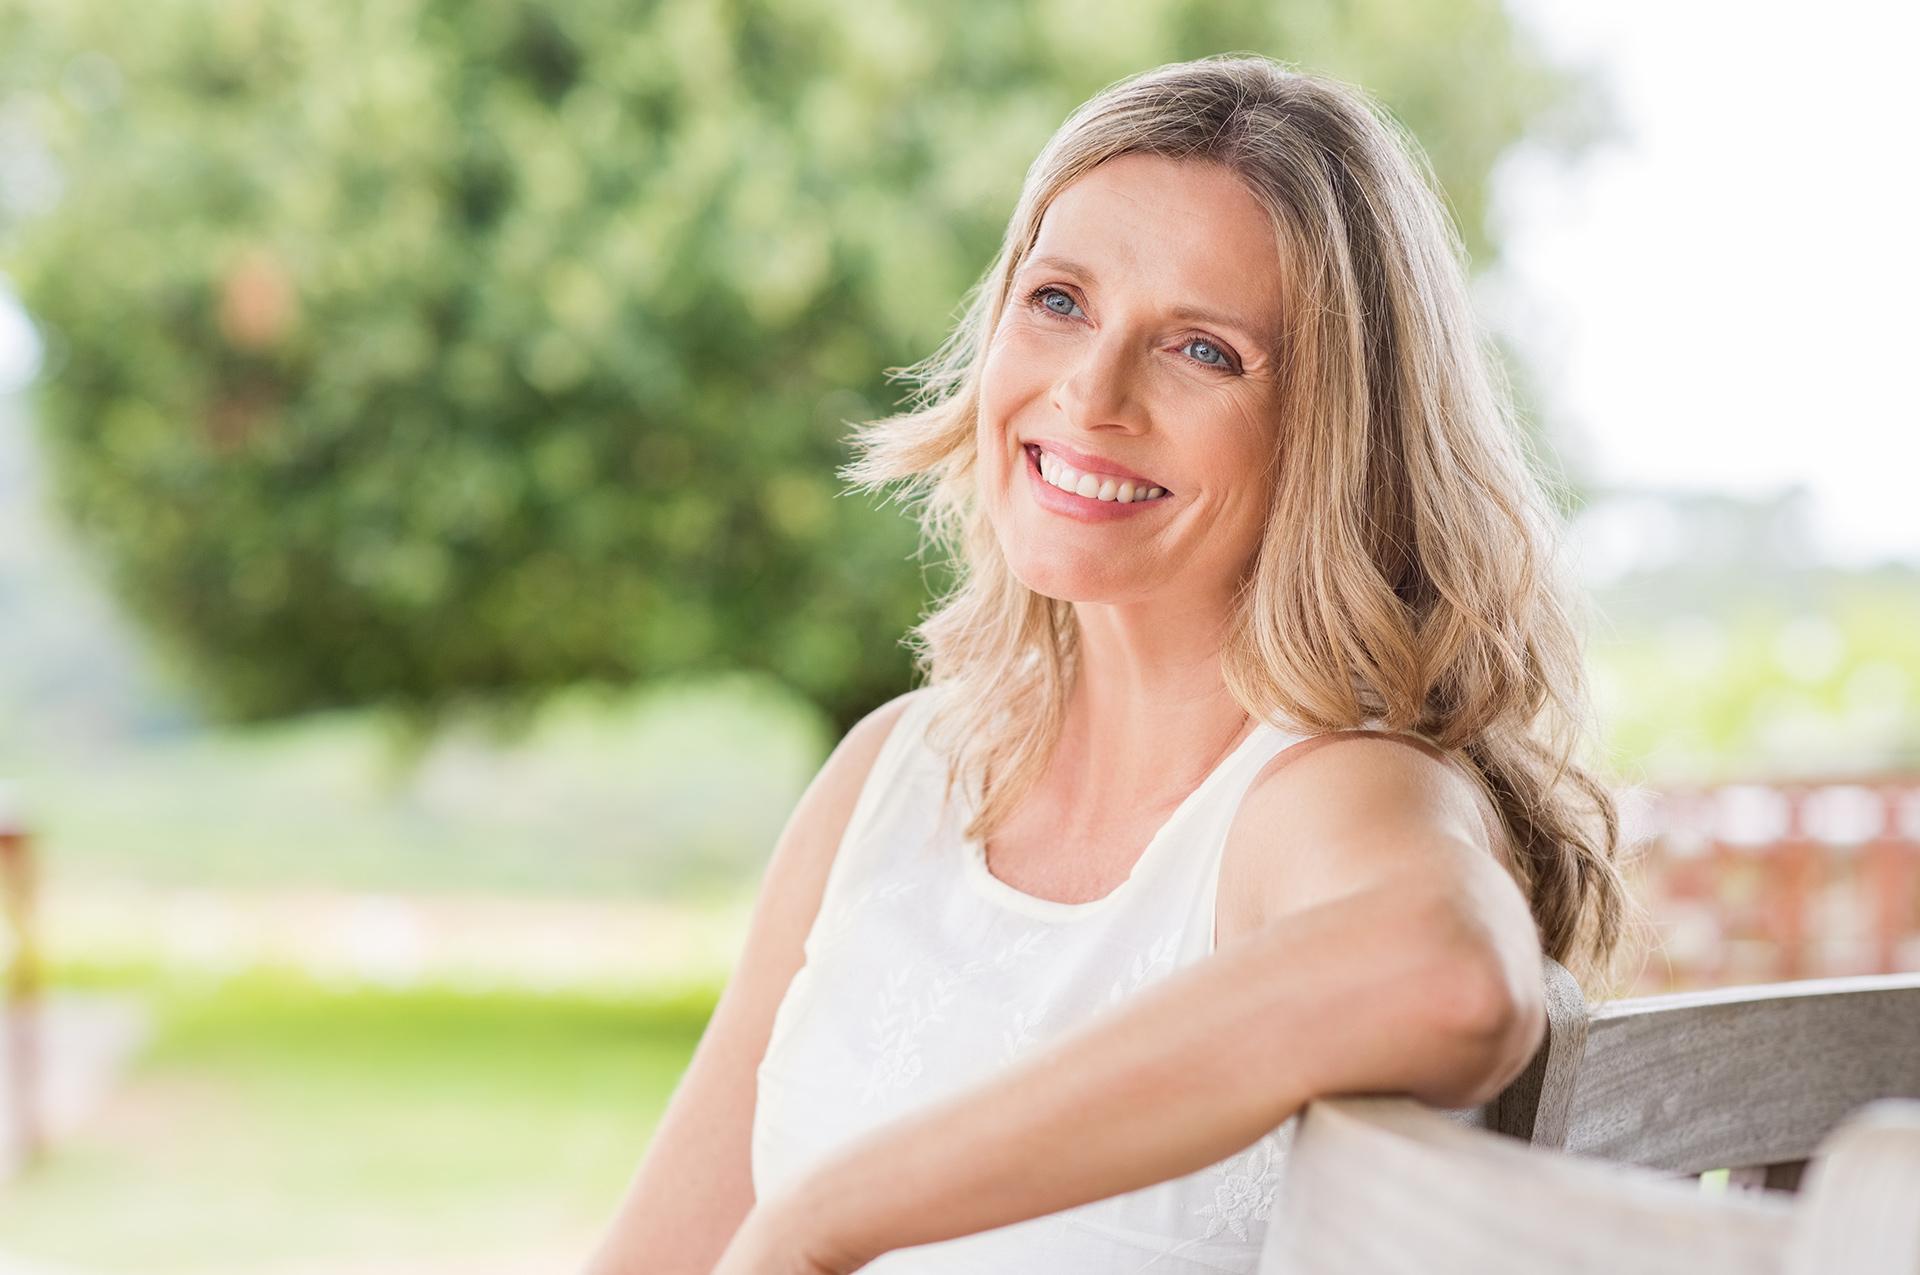 Outdoor portrait positive confident mature woman stock photo